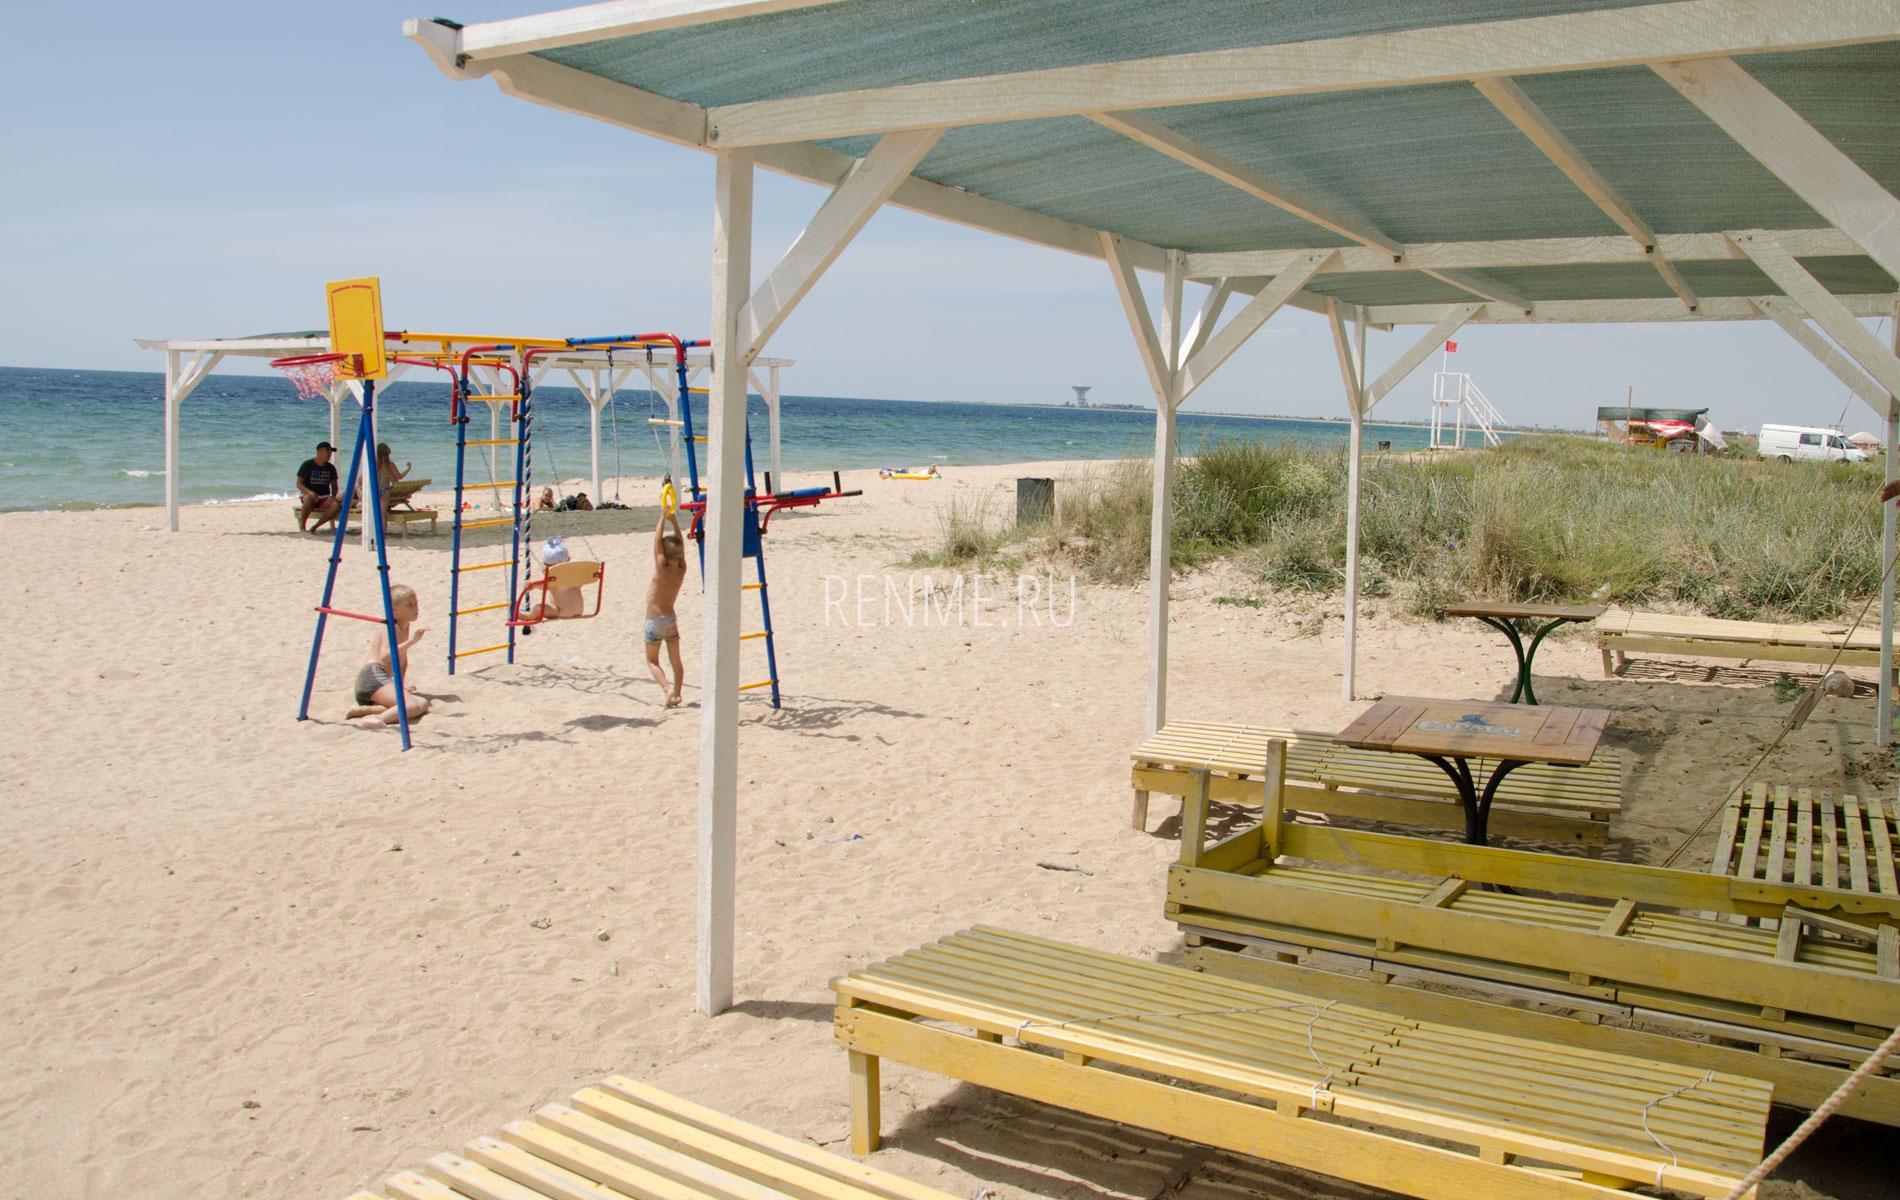 Пляж с навесами и детской площадкой. Фото Заозёрного